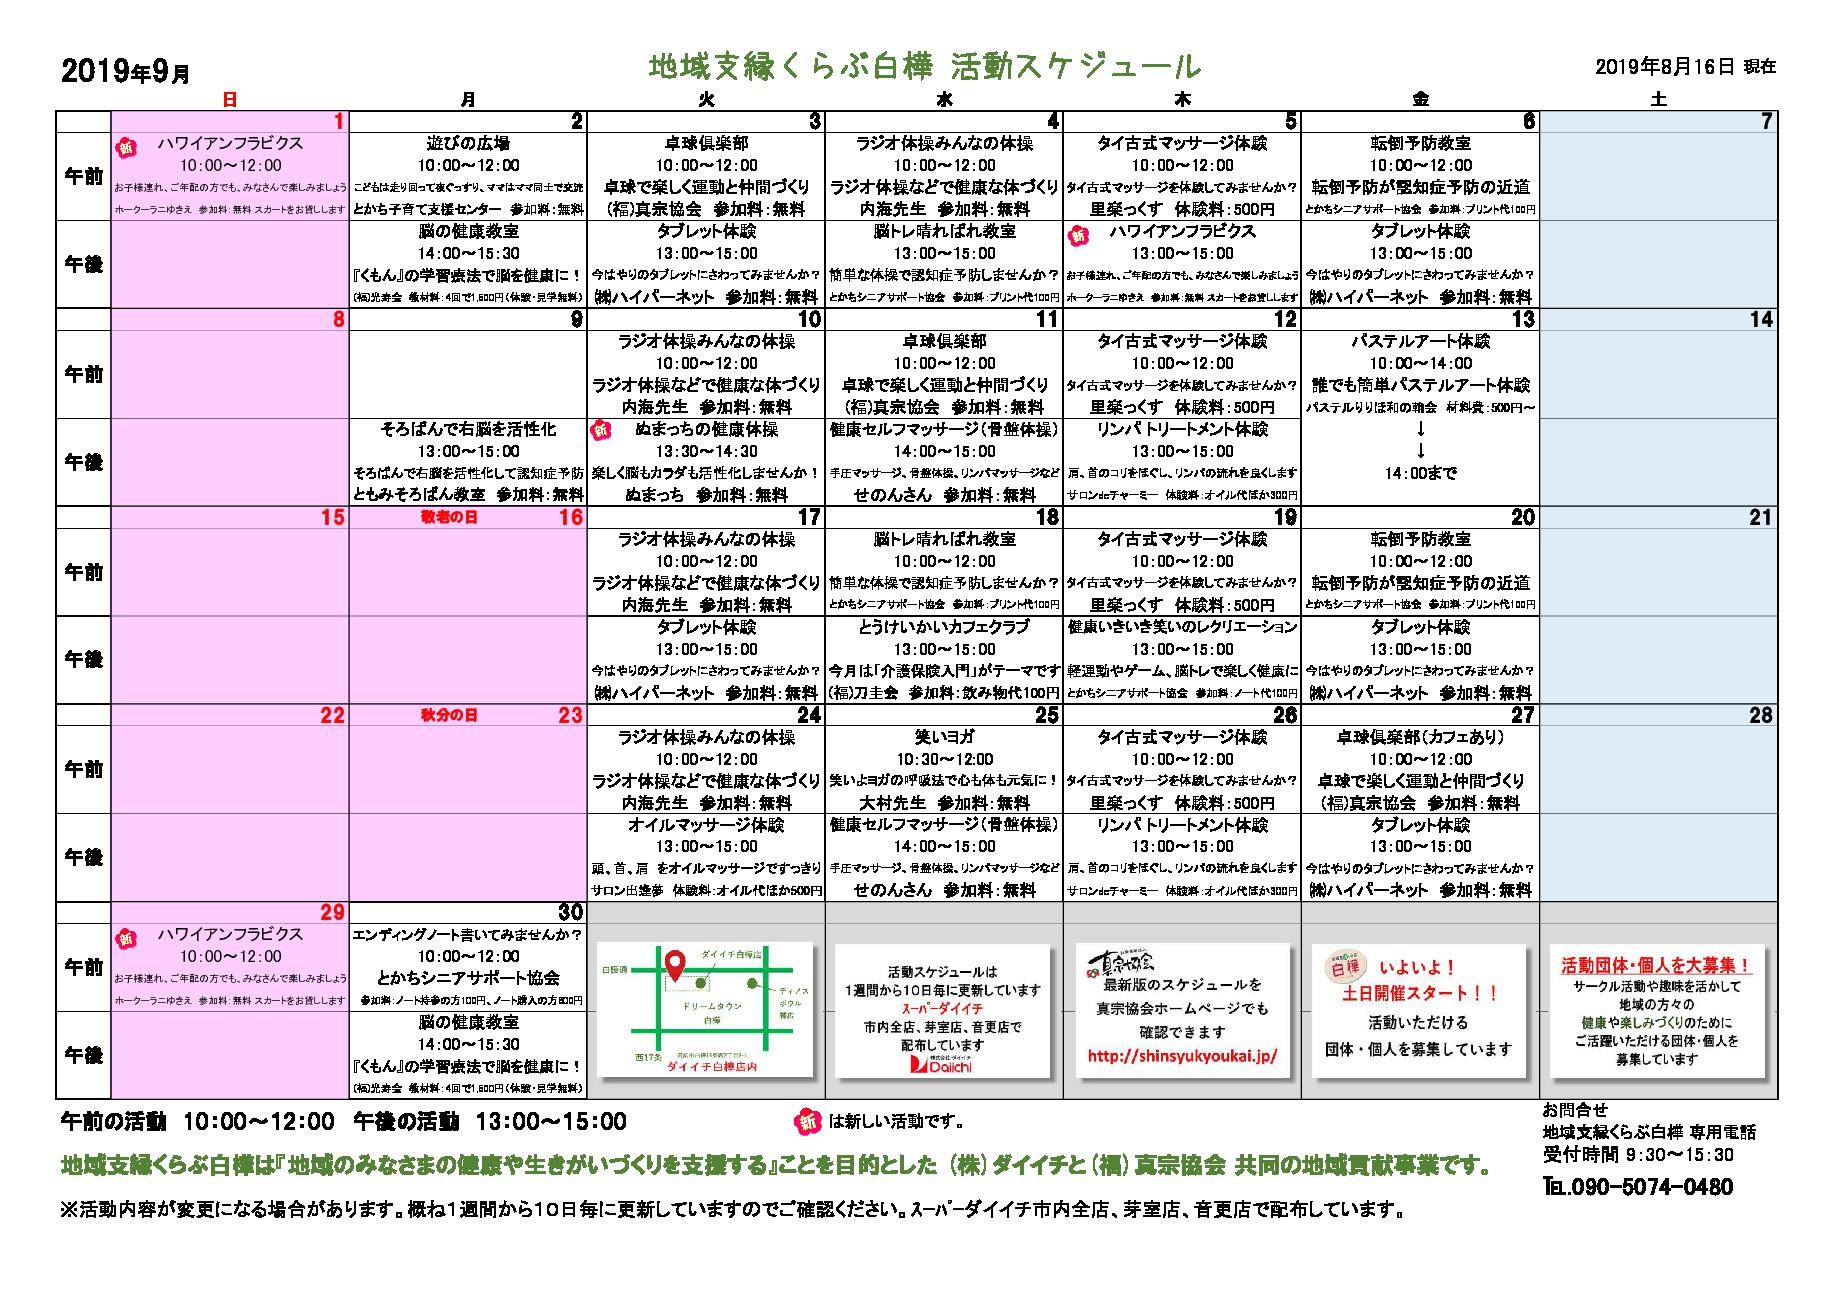 2019活動スケジュール9(2019.8.16付)のサムネイル